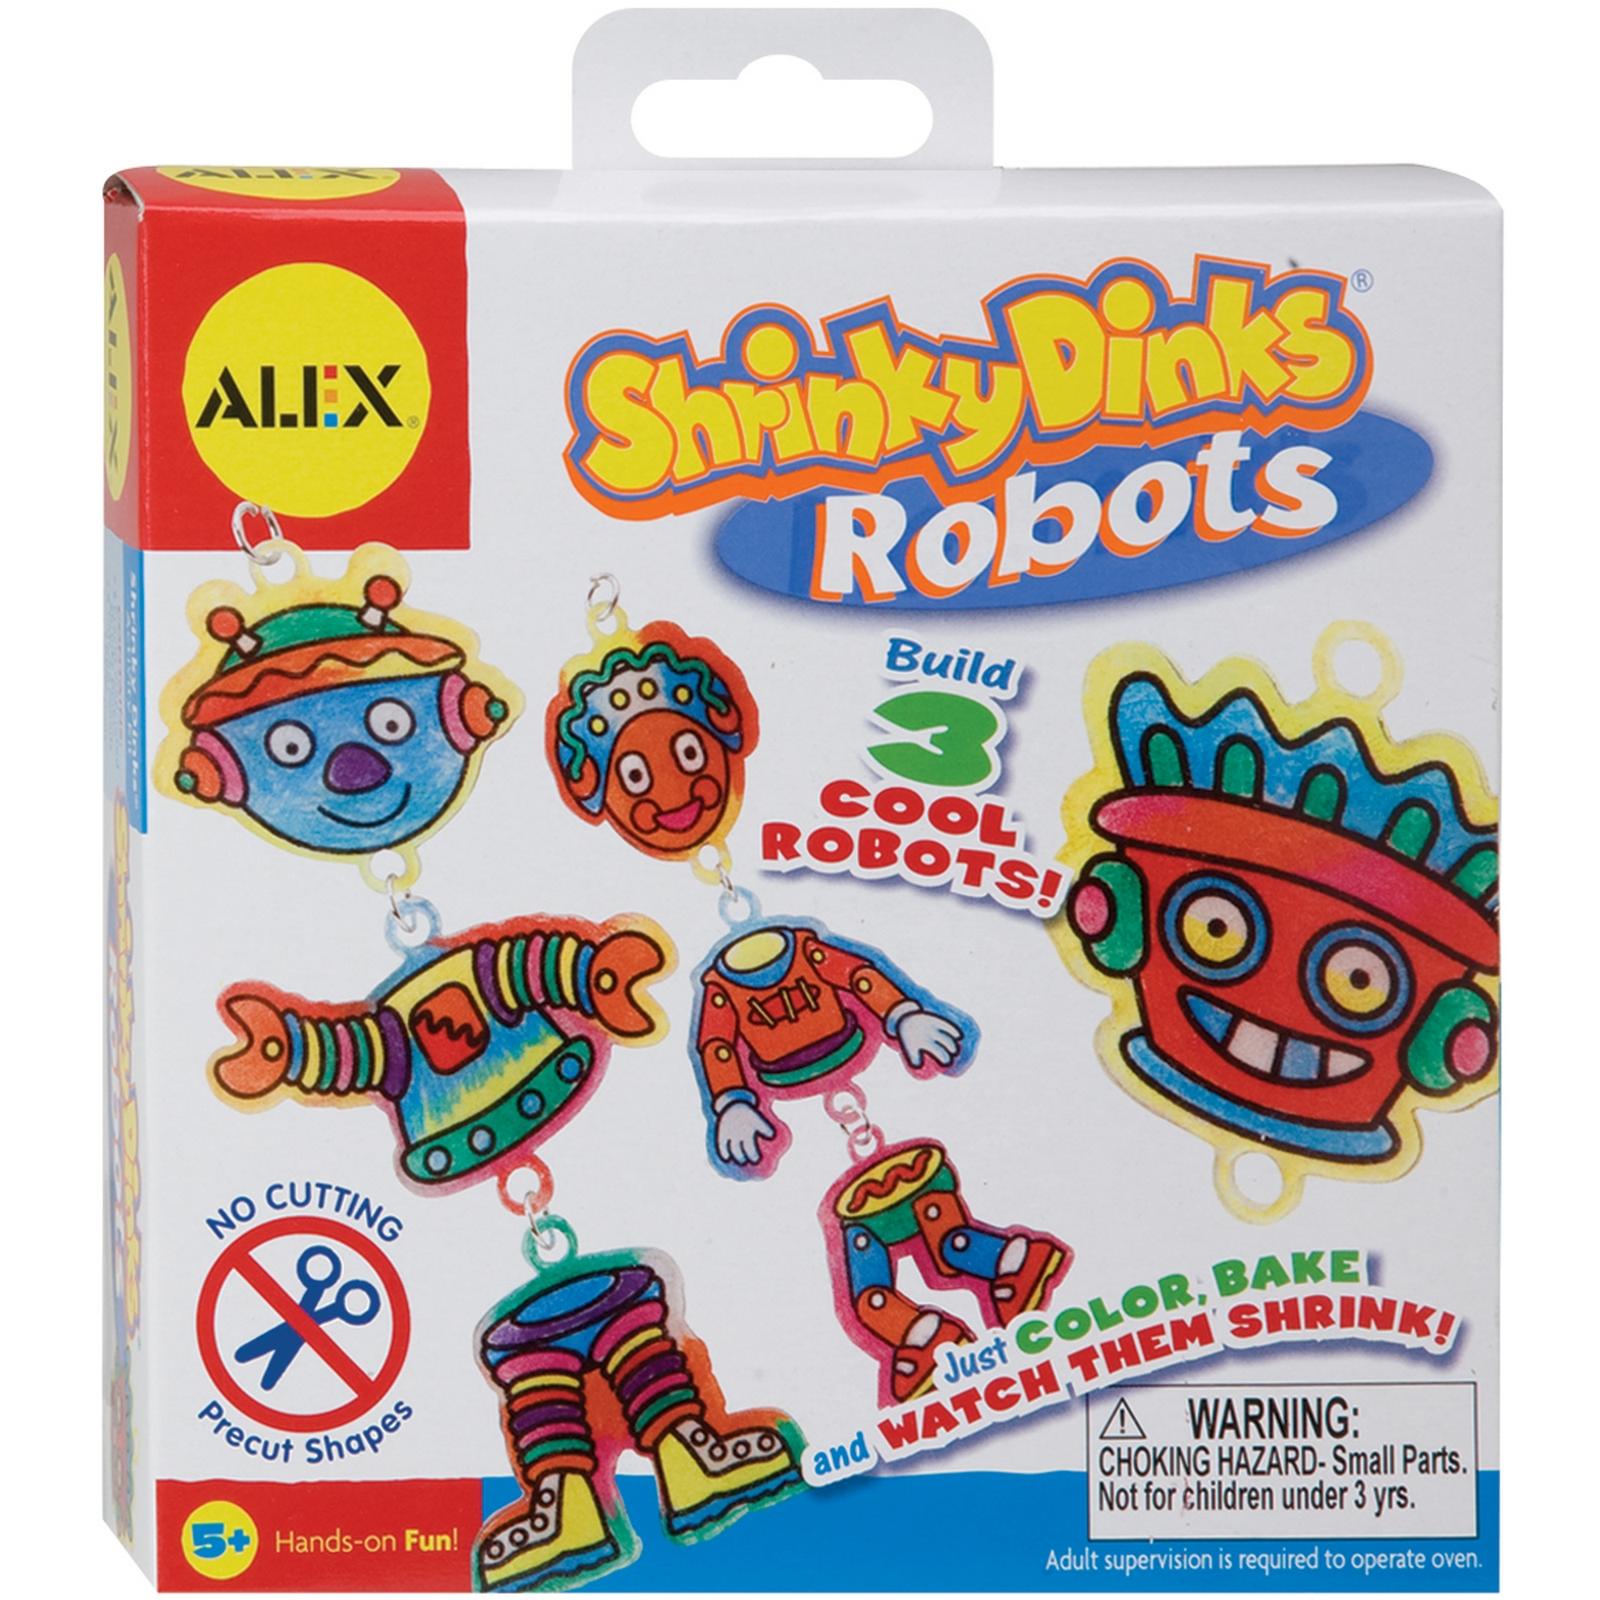 Alex Toys Shrinky Dink Kits-Robots PartNumber: 021V001585606000P KsnValue: 1585606 MfgPartNumber: 493-R